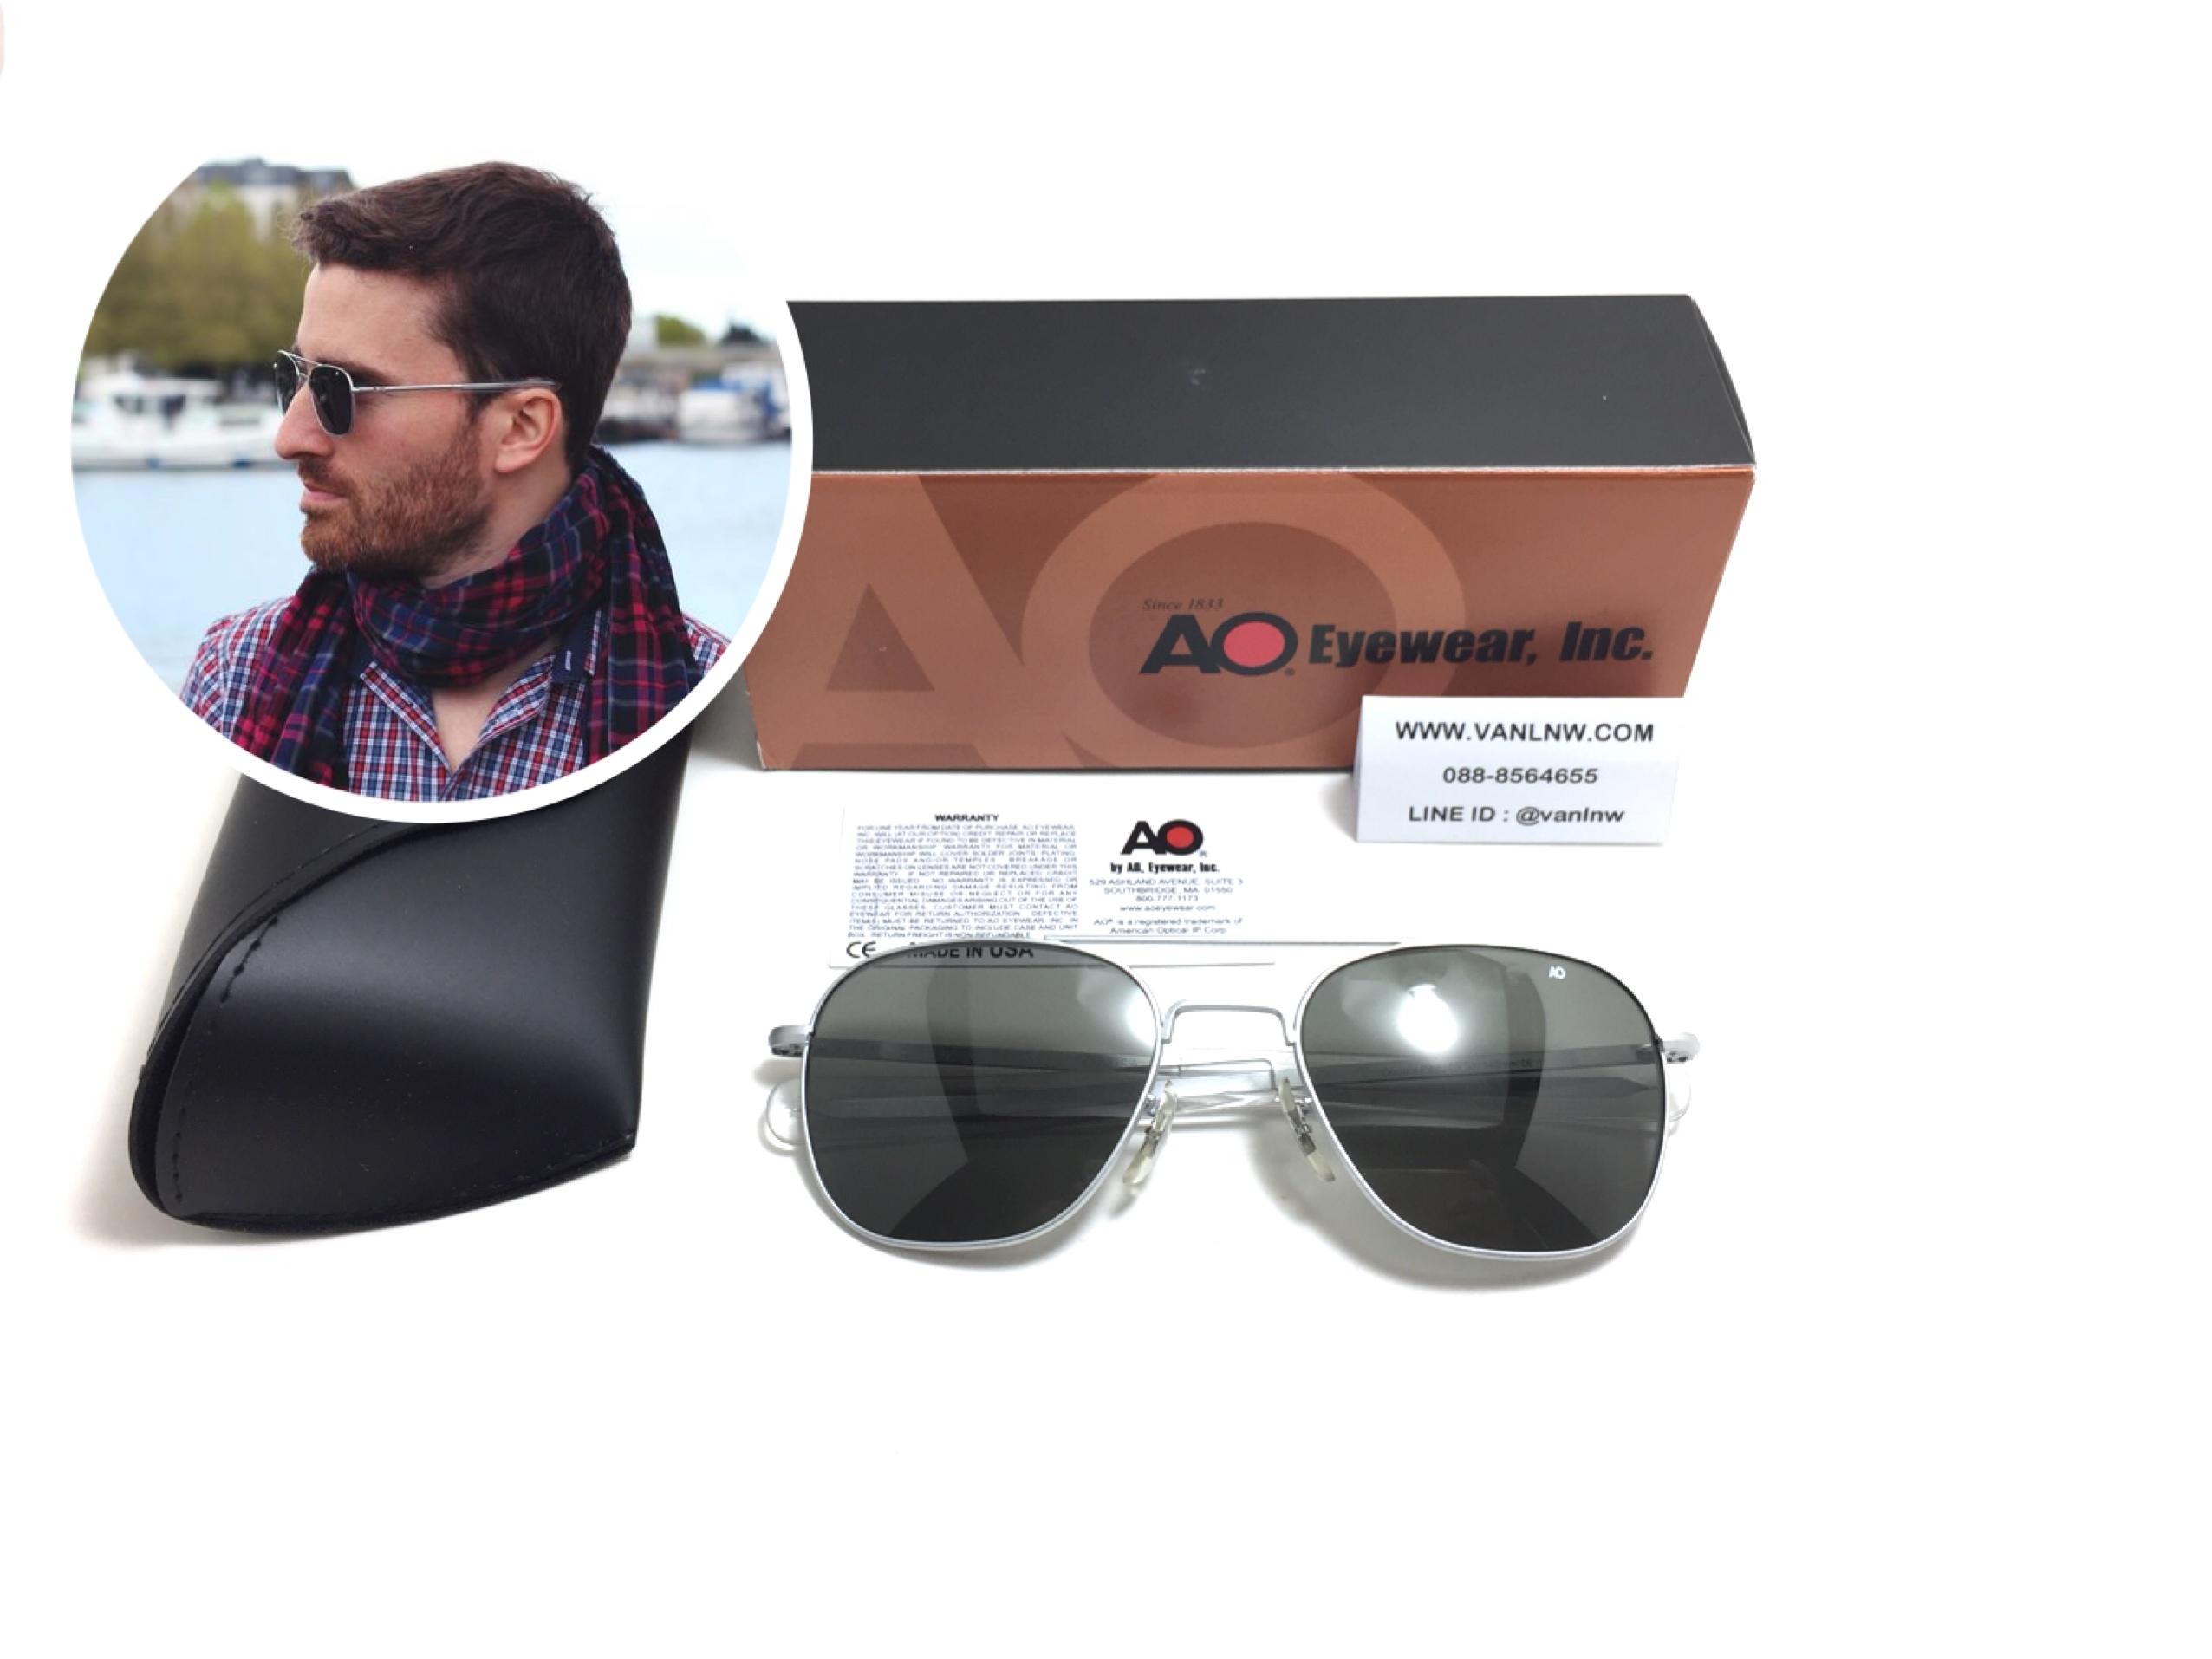 แว่นกันแดด Ao Original Pilot 55-20 140 (usa) เงินด้าน